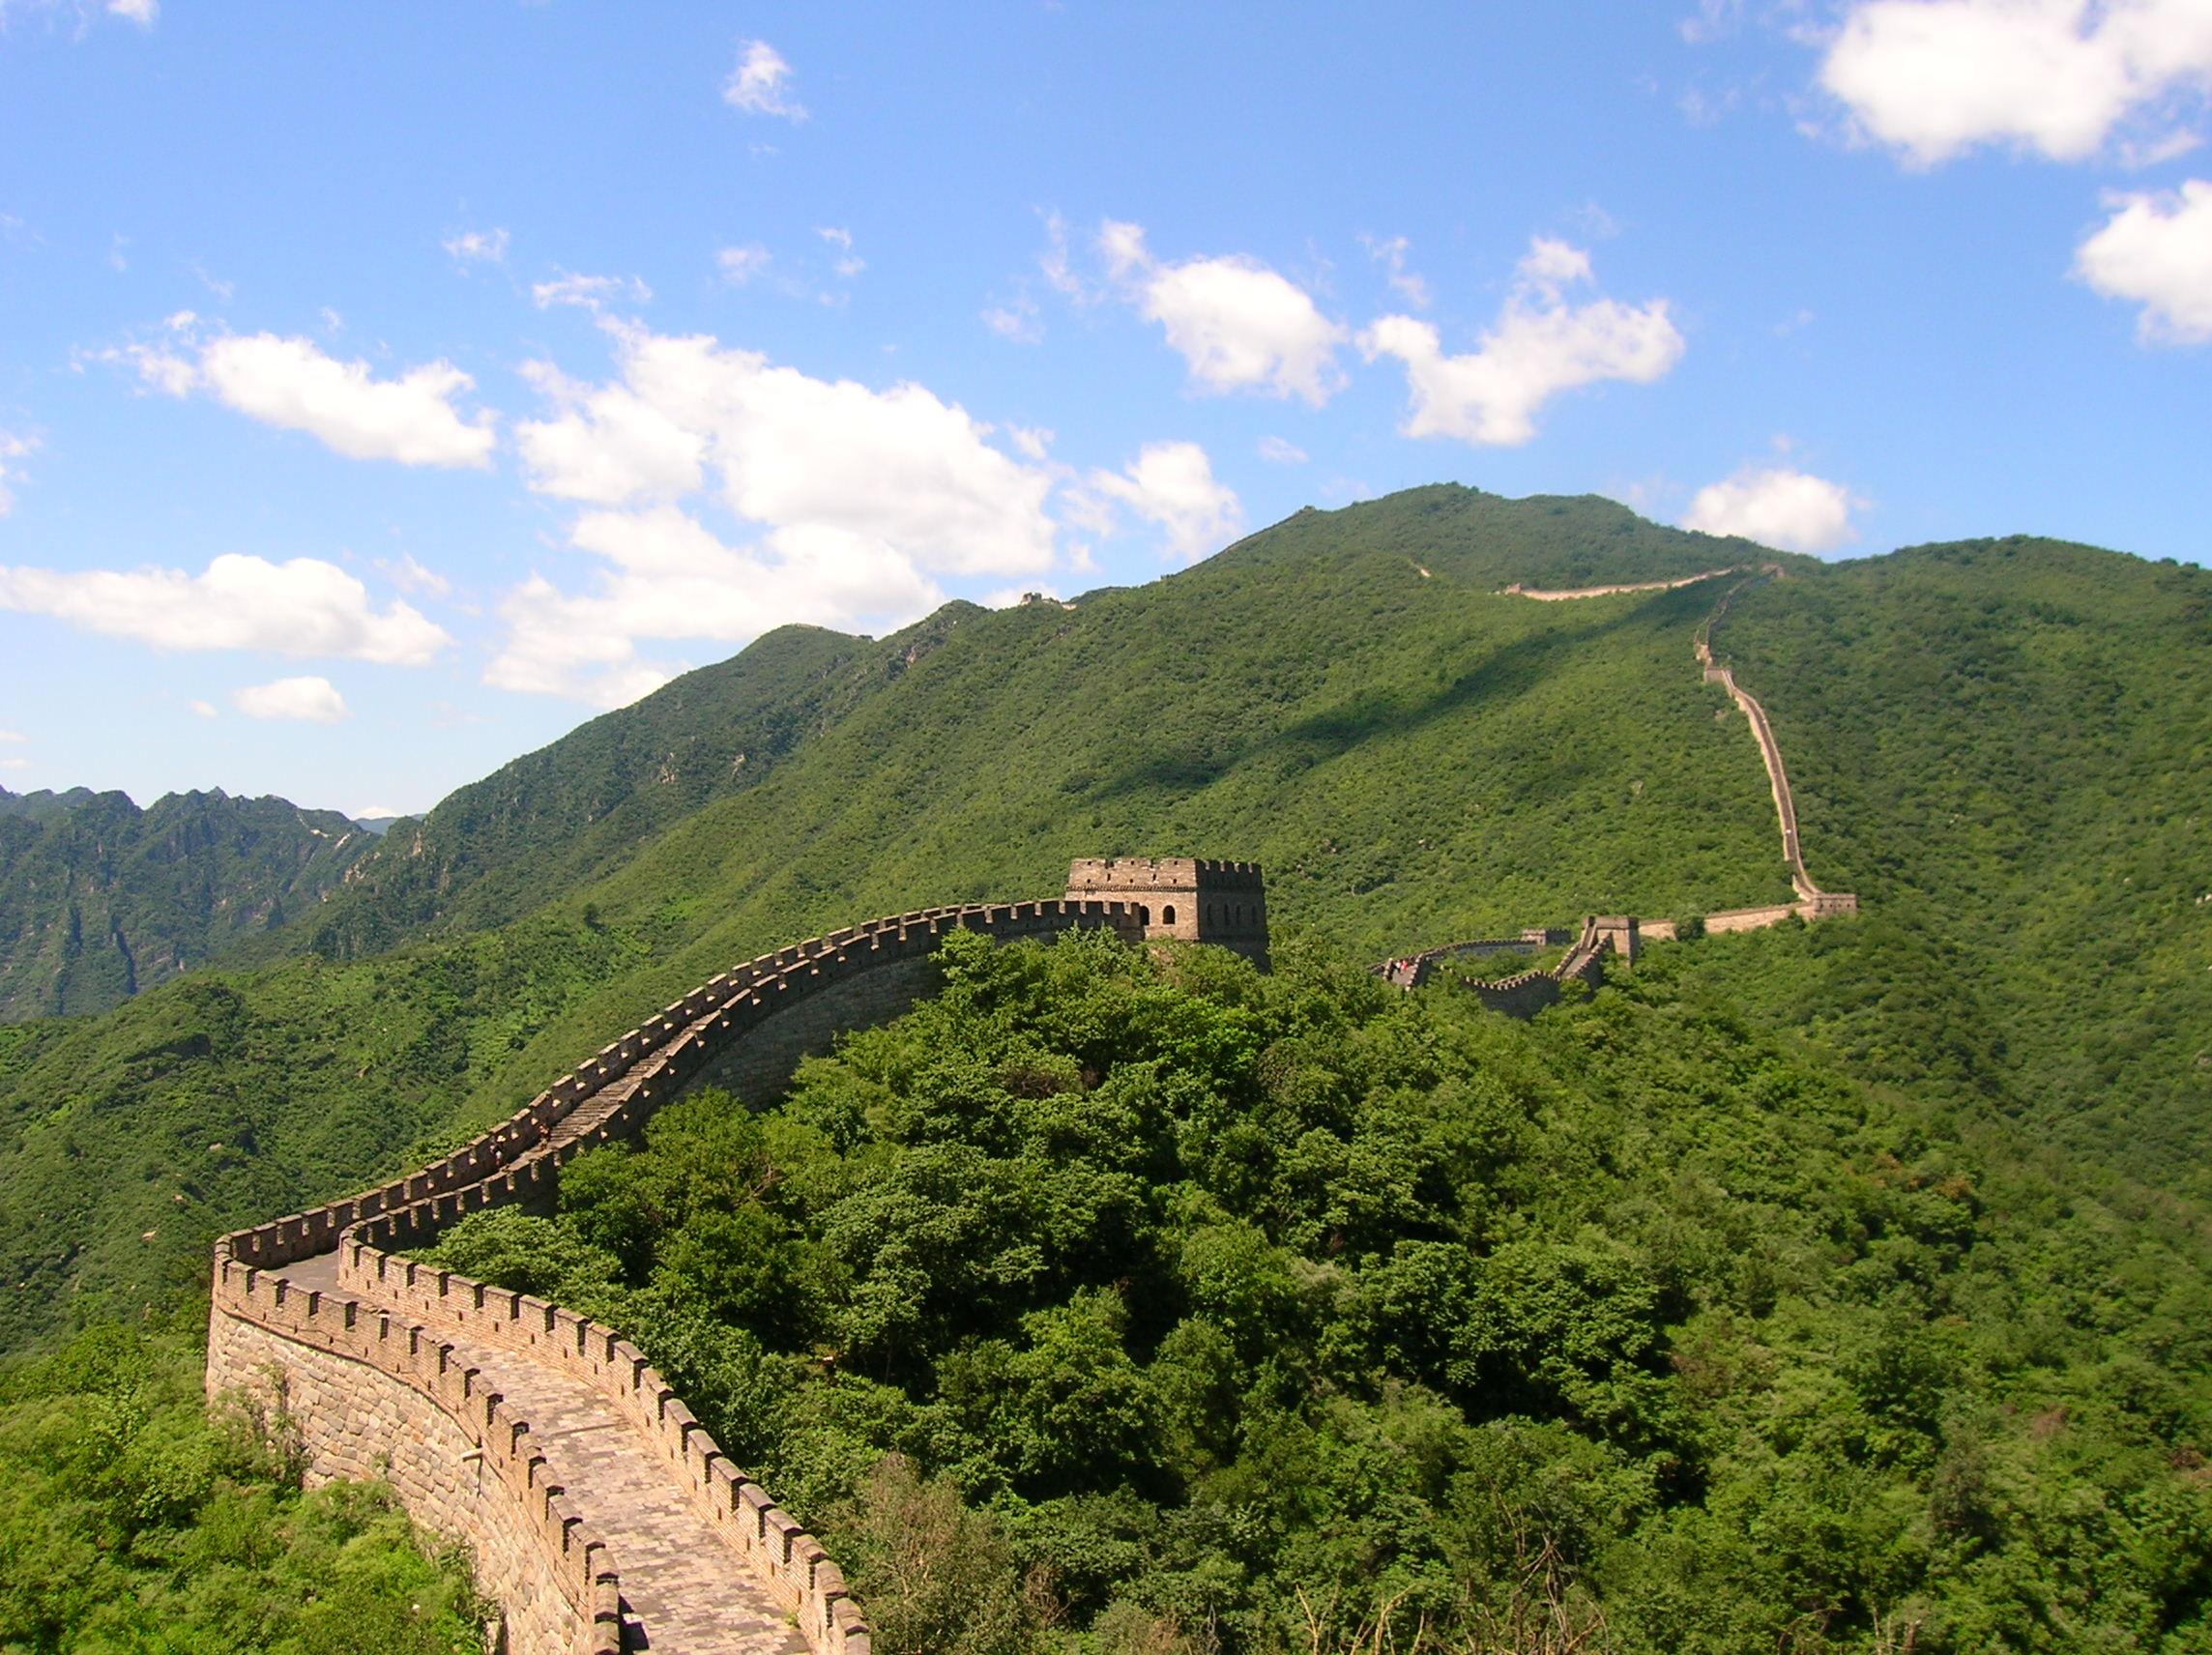 سور الصين العظيم بداية بنائه و تاريخه القديم و الحديث